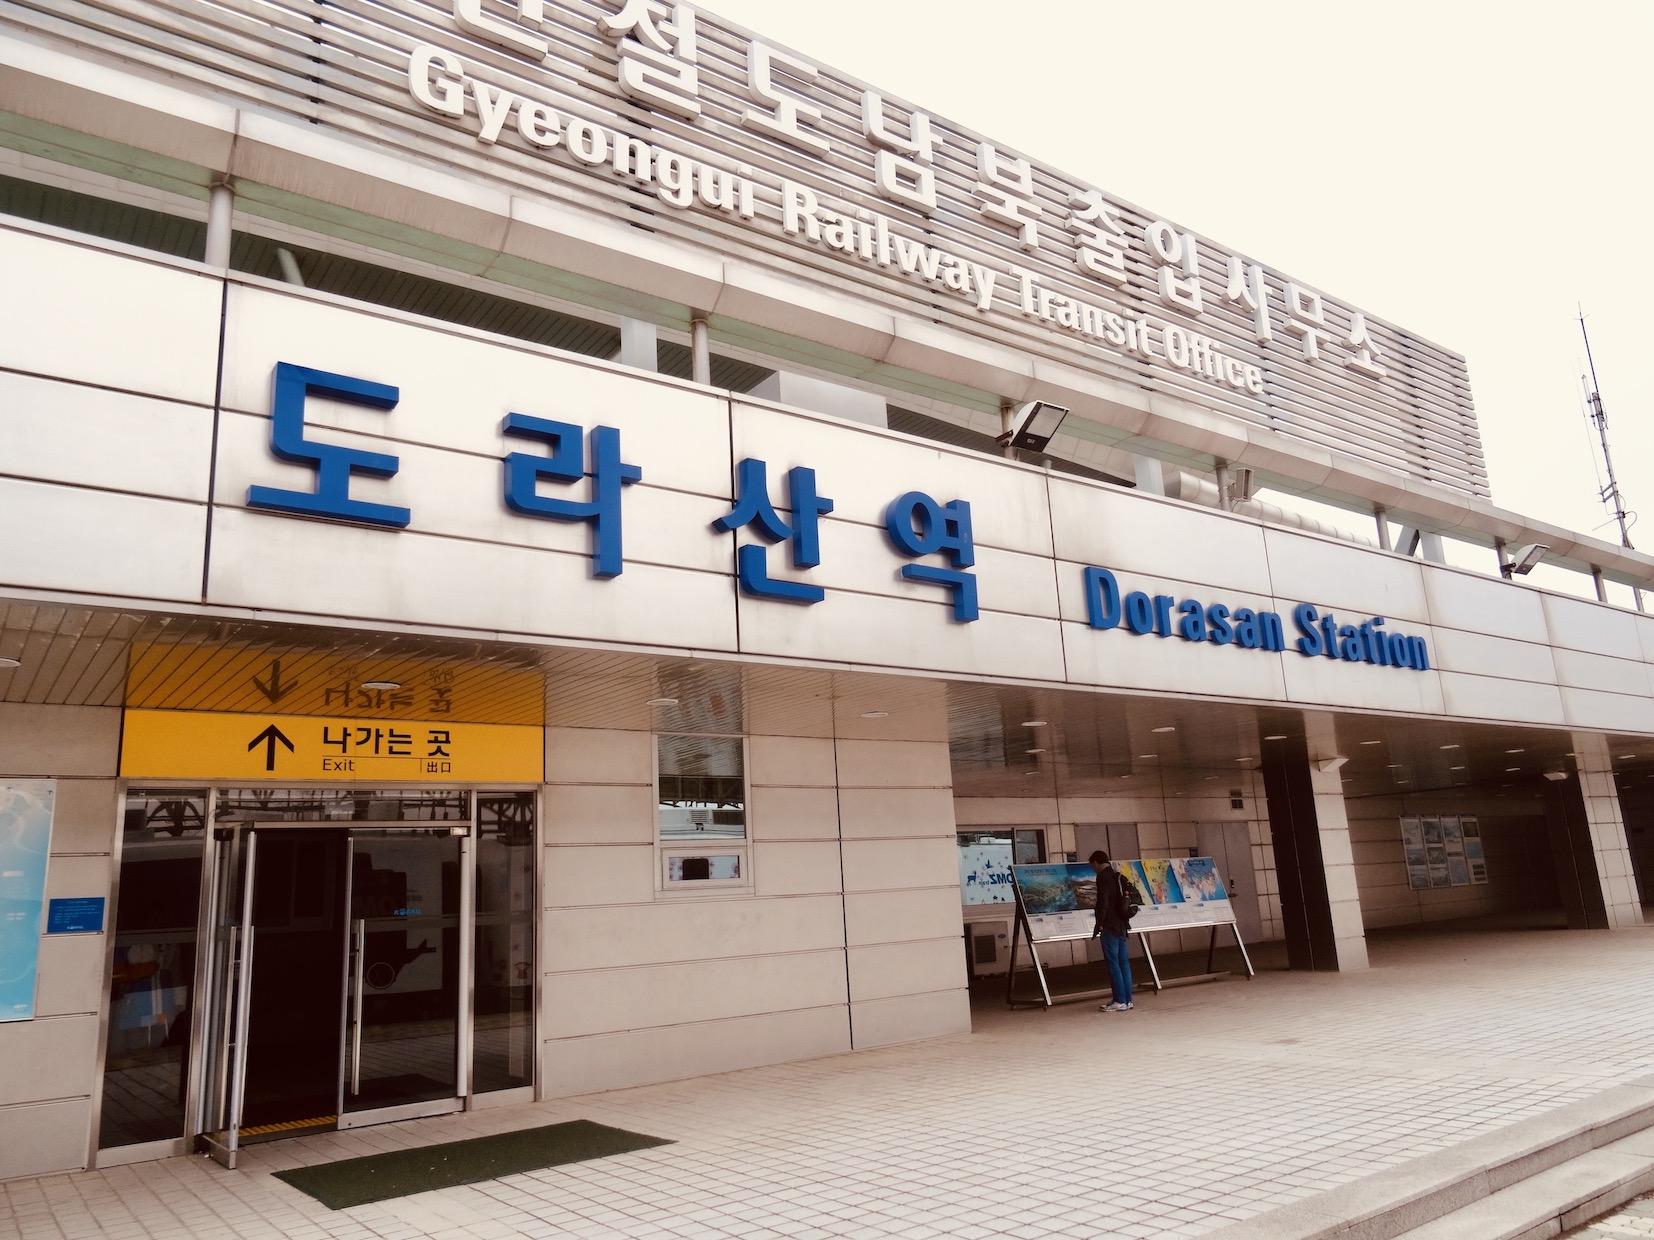 DMZ Tour South Korea.